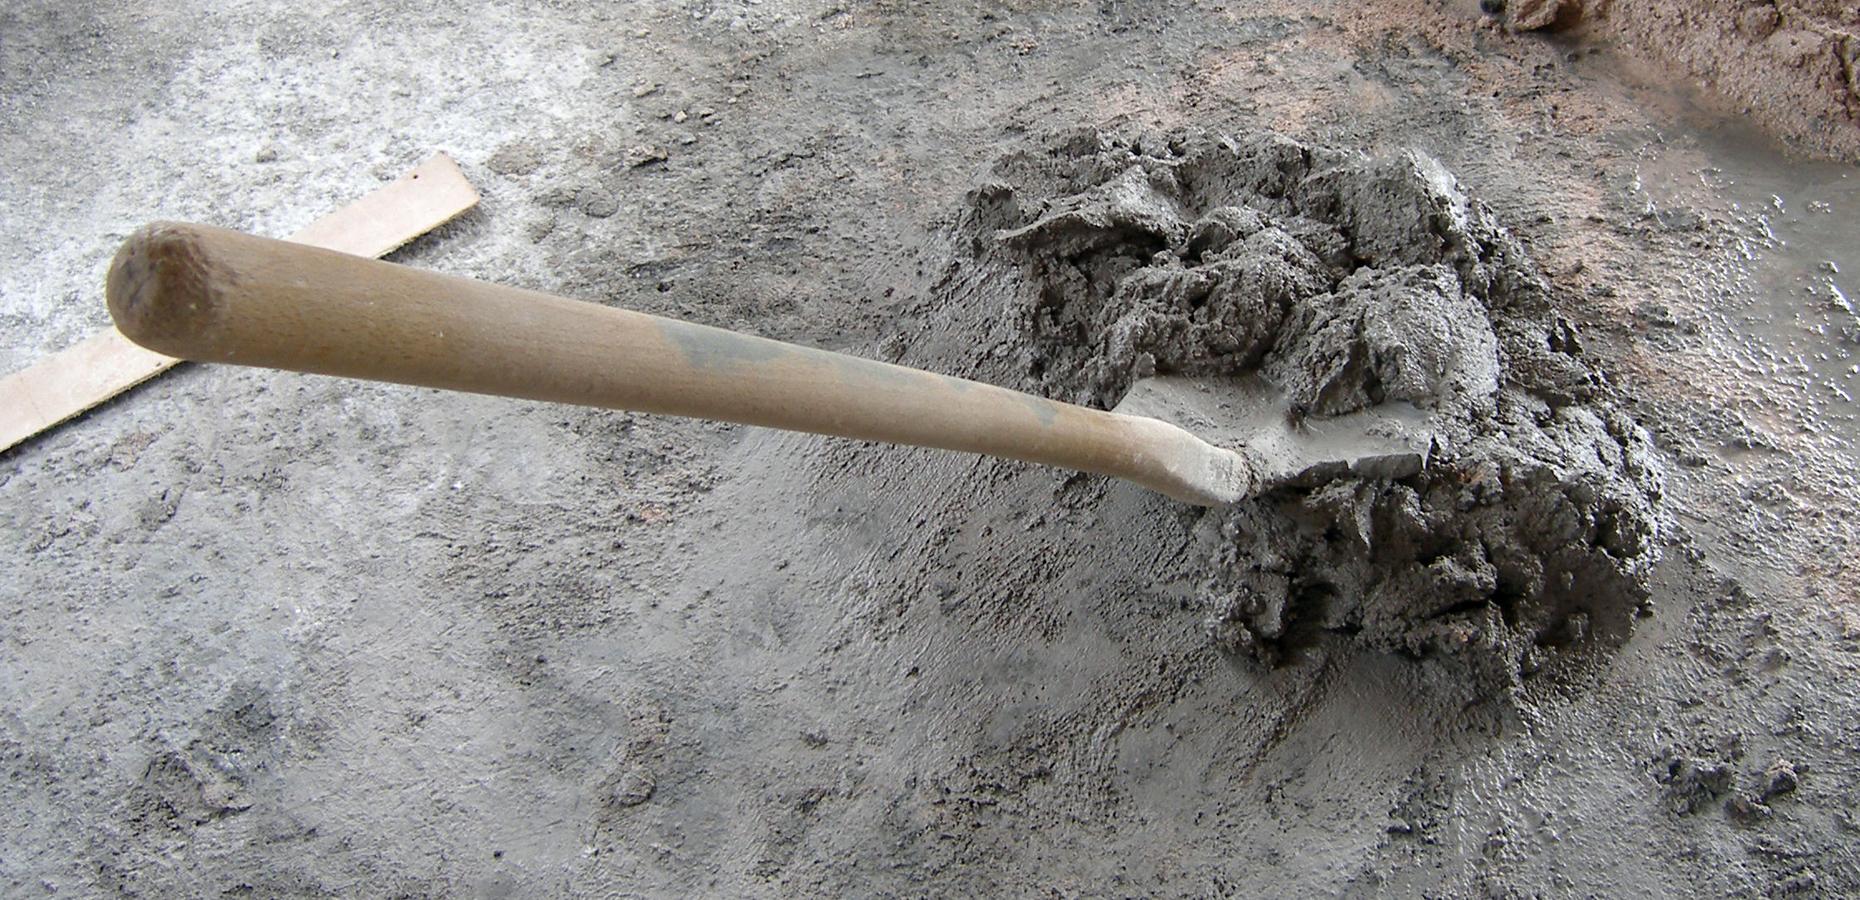 Tipos de palancas for Que tipo de mezcla es el marmol